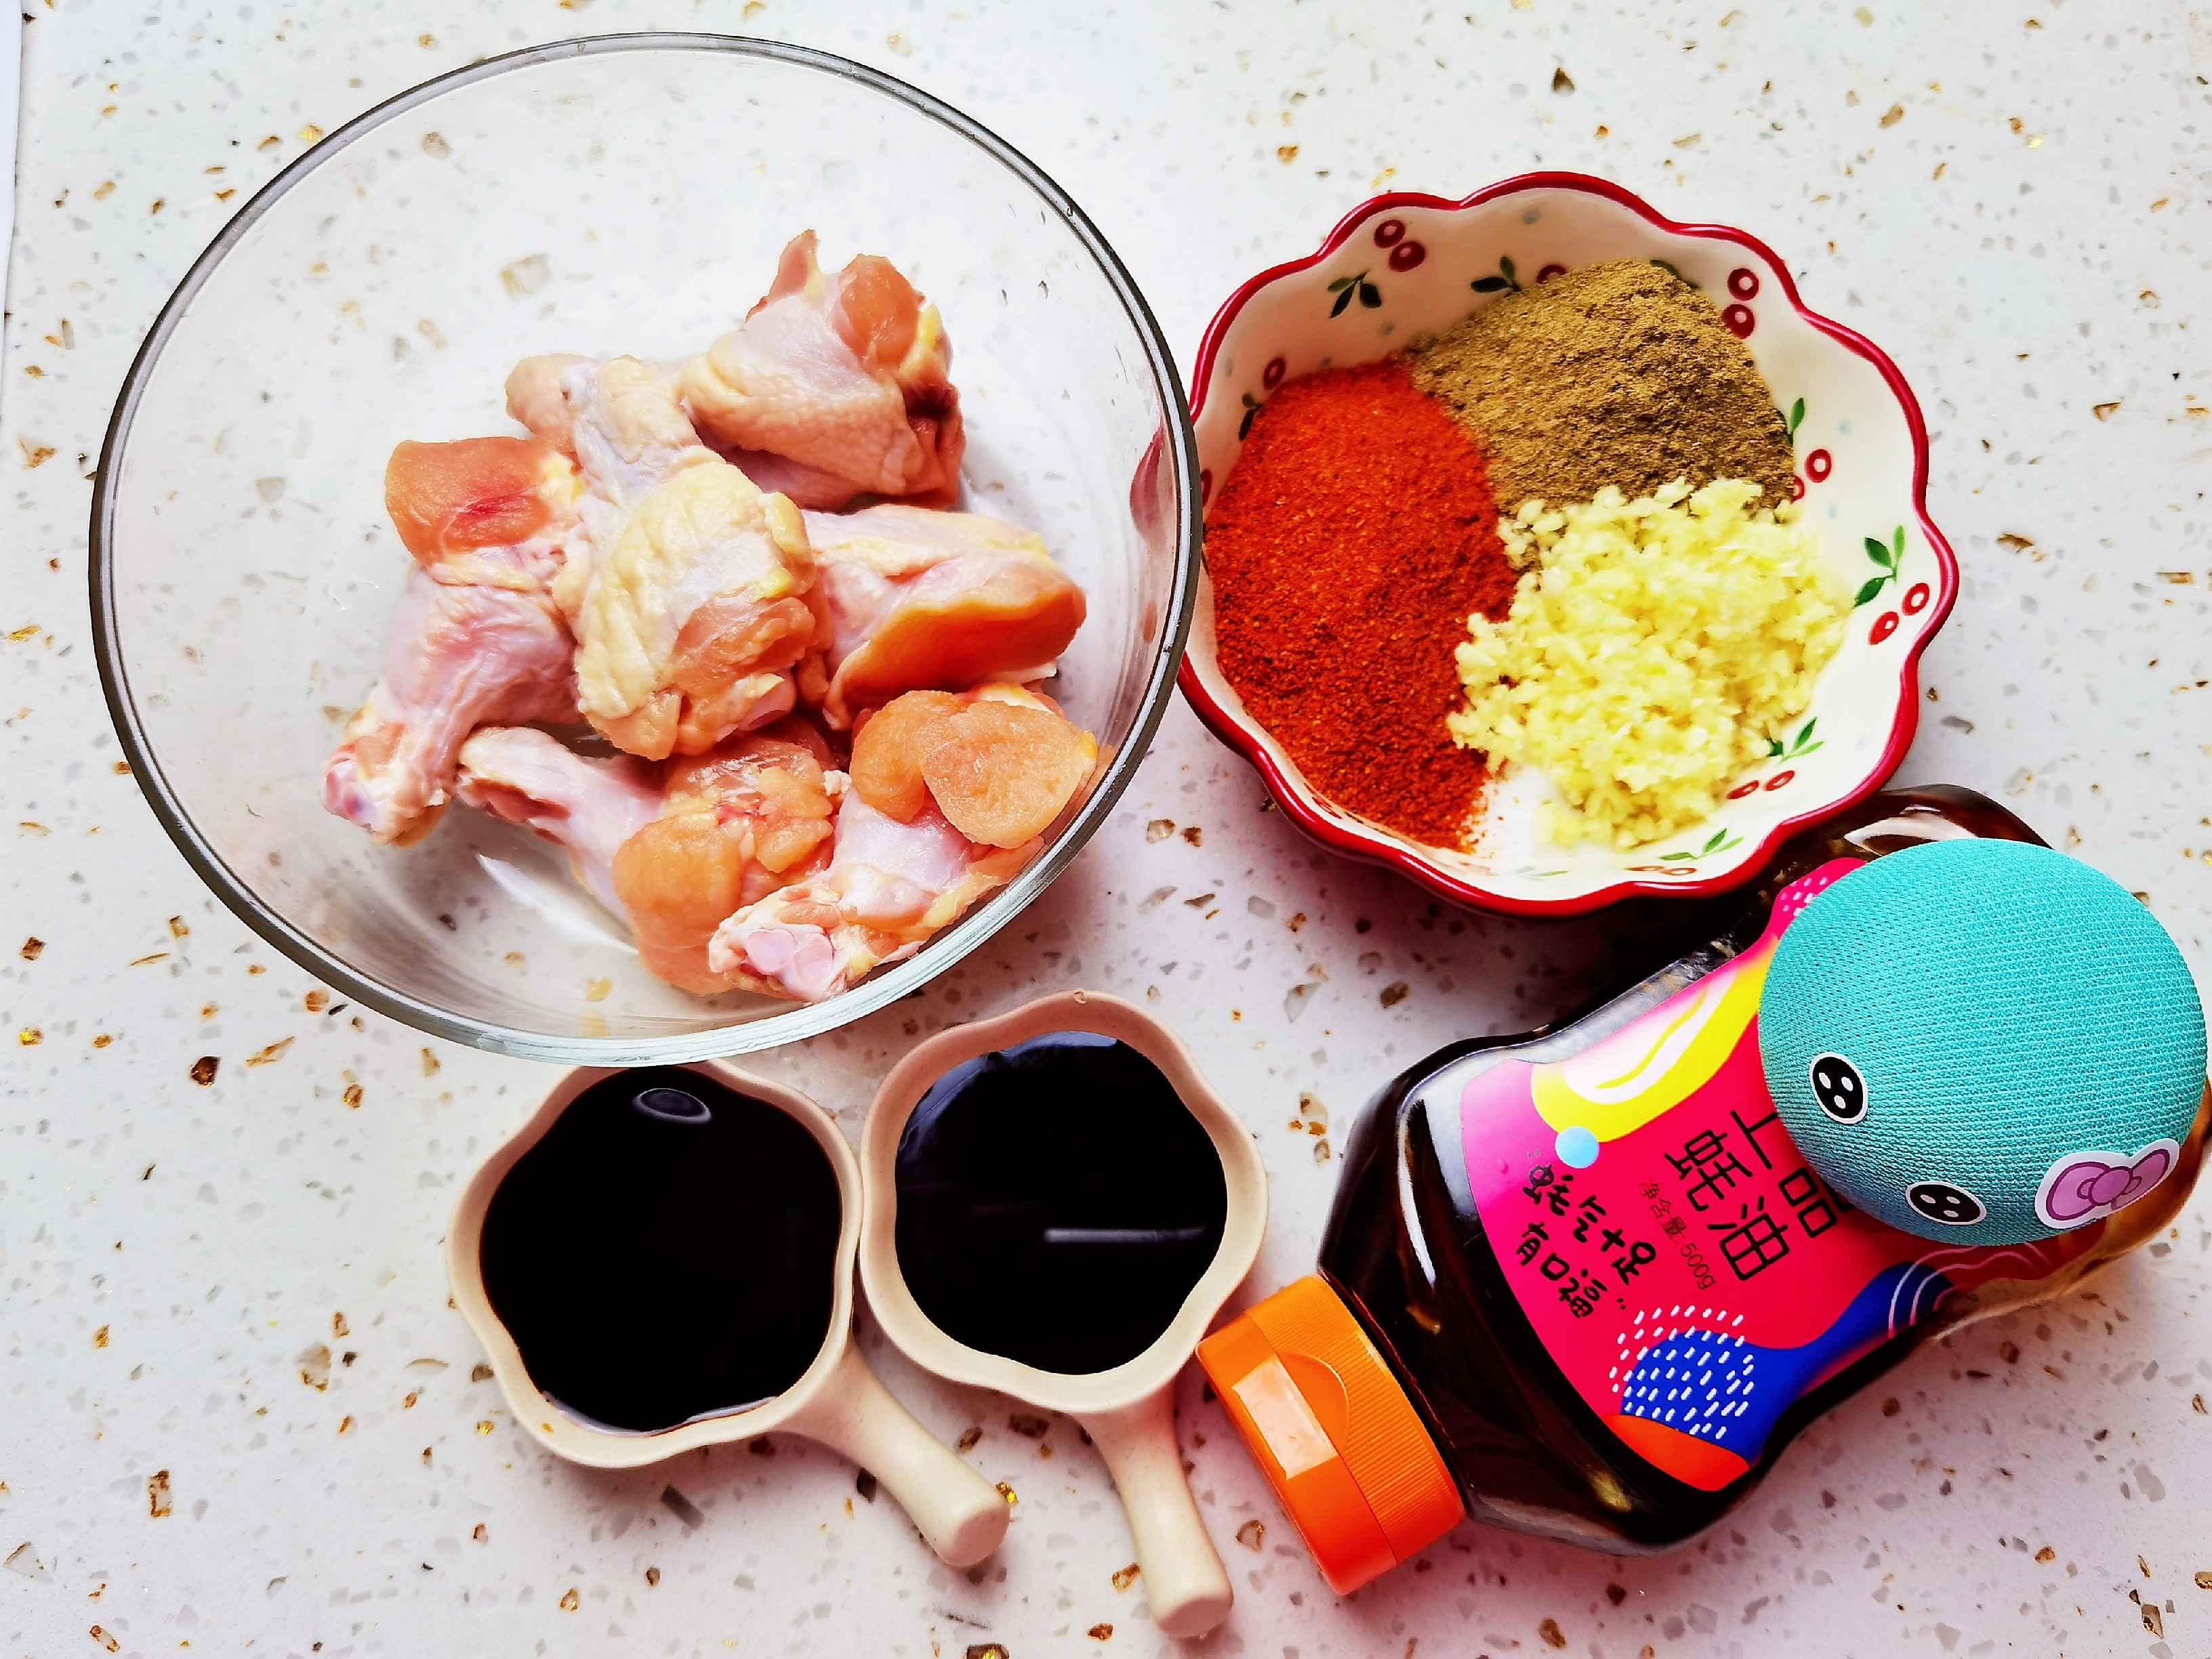 外卖6元1个的网红炸鸡腿,自己在家做,香辣脆嫩,好吃到舔手指的做法大全